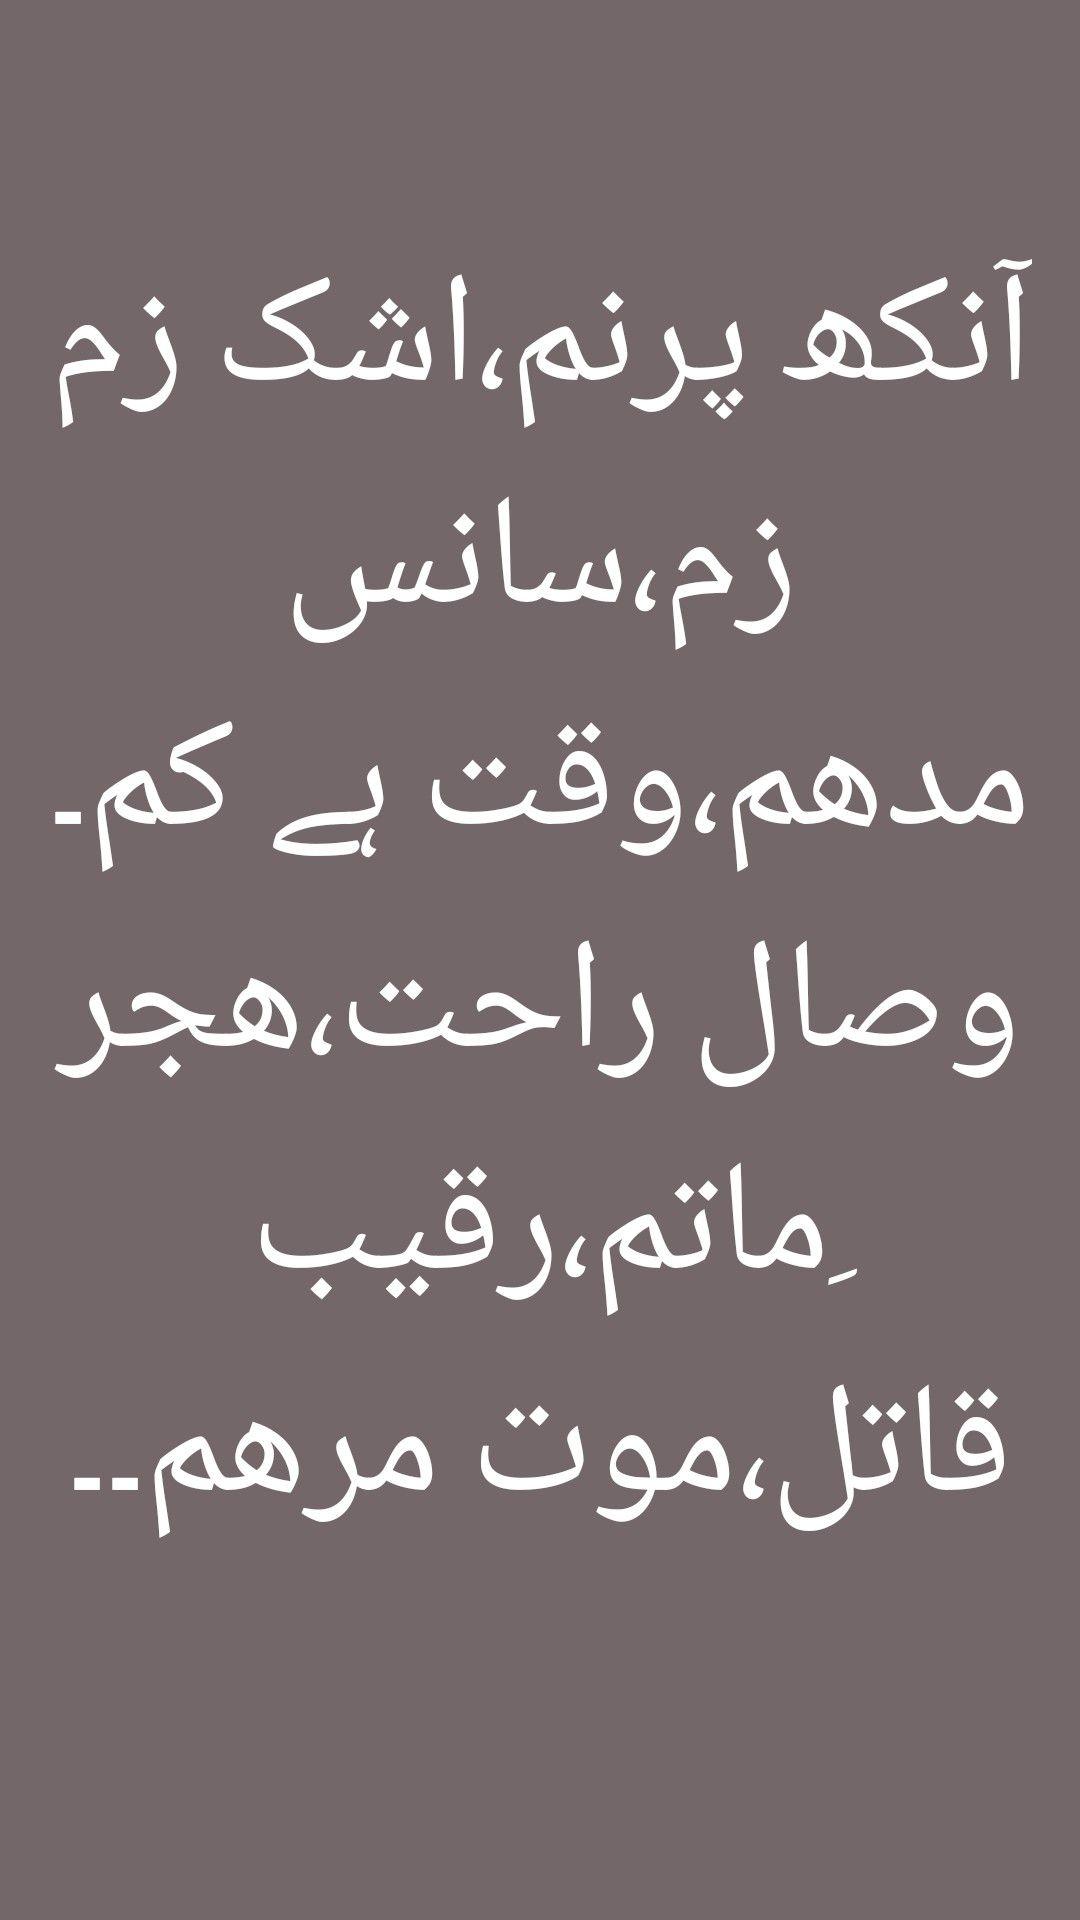 Poetry image by Mahnoor Awan | Poetry, Have fun, Arabic ...